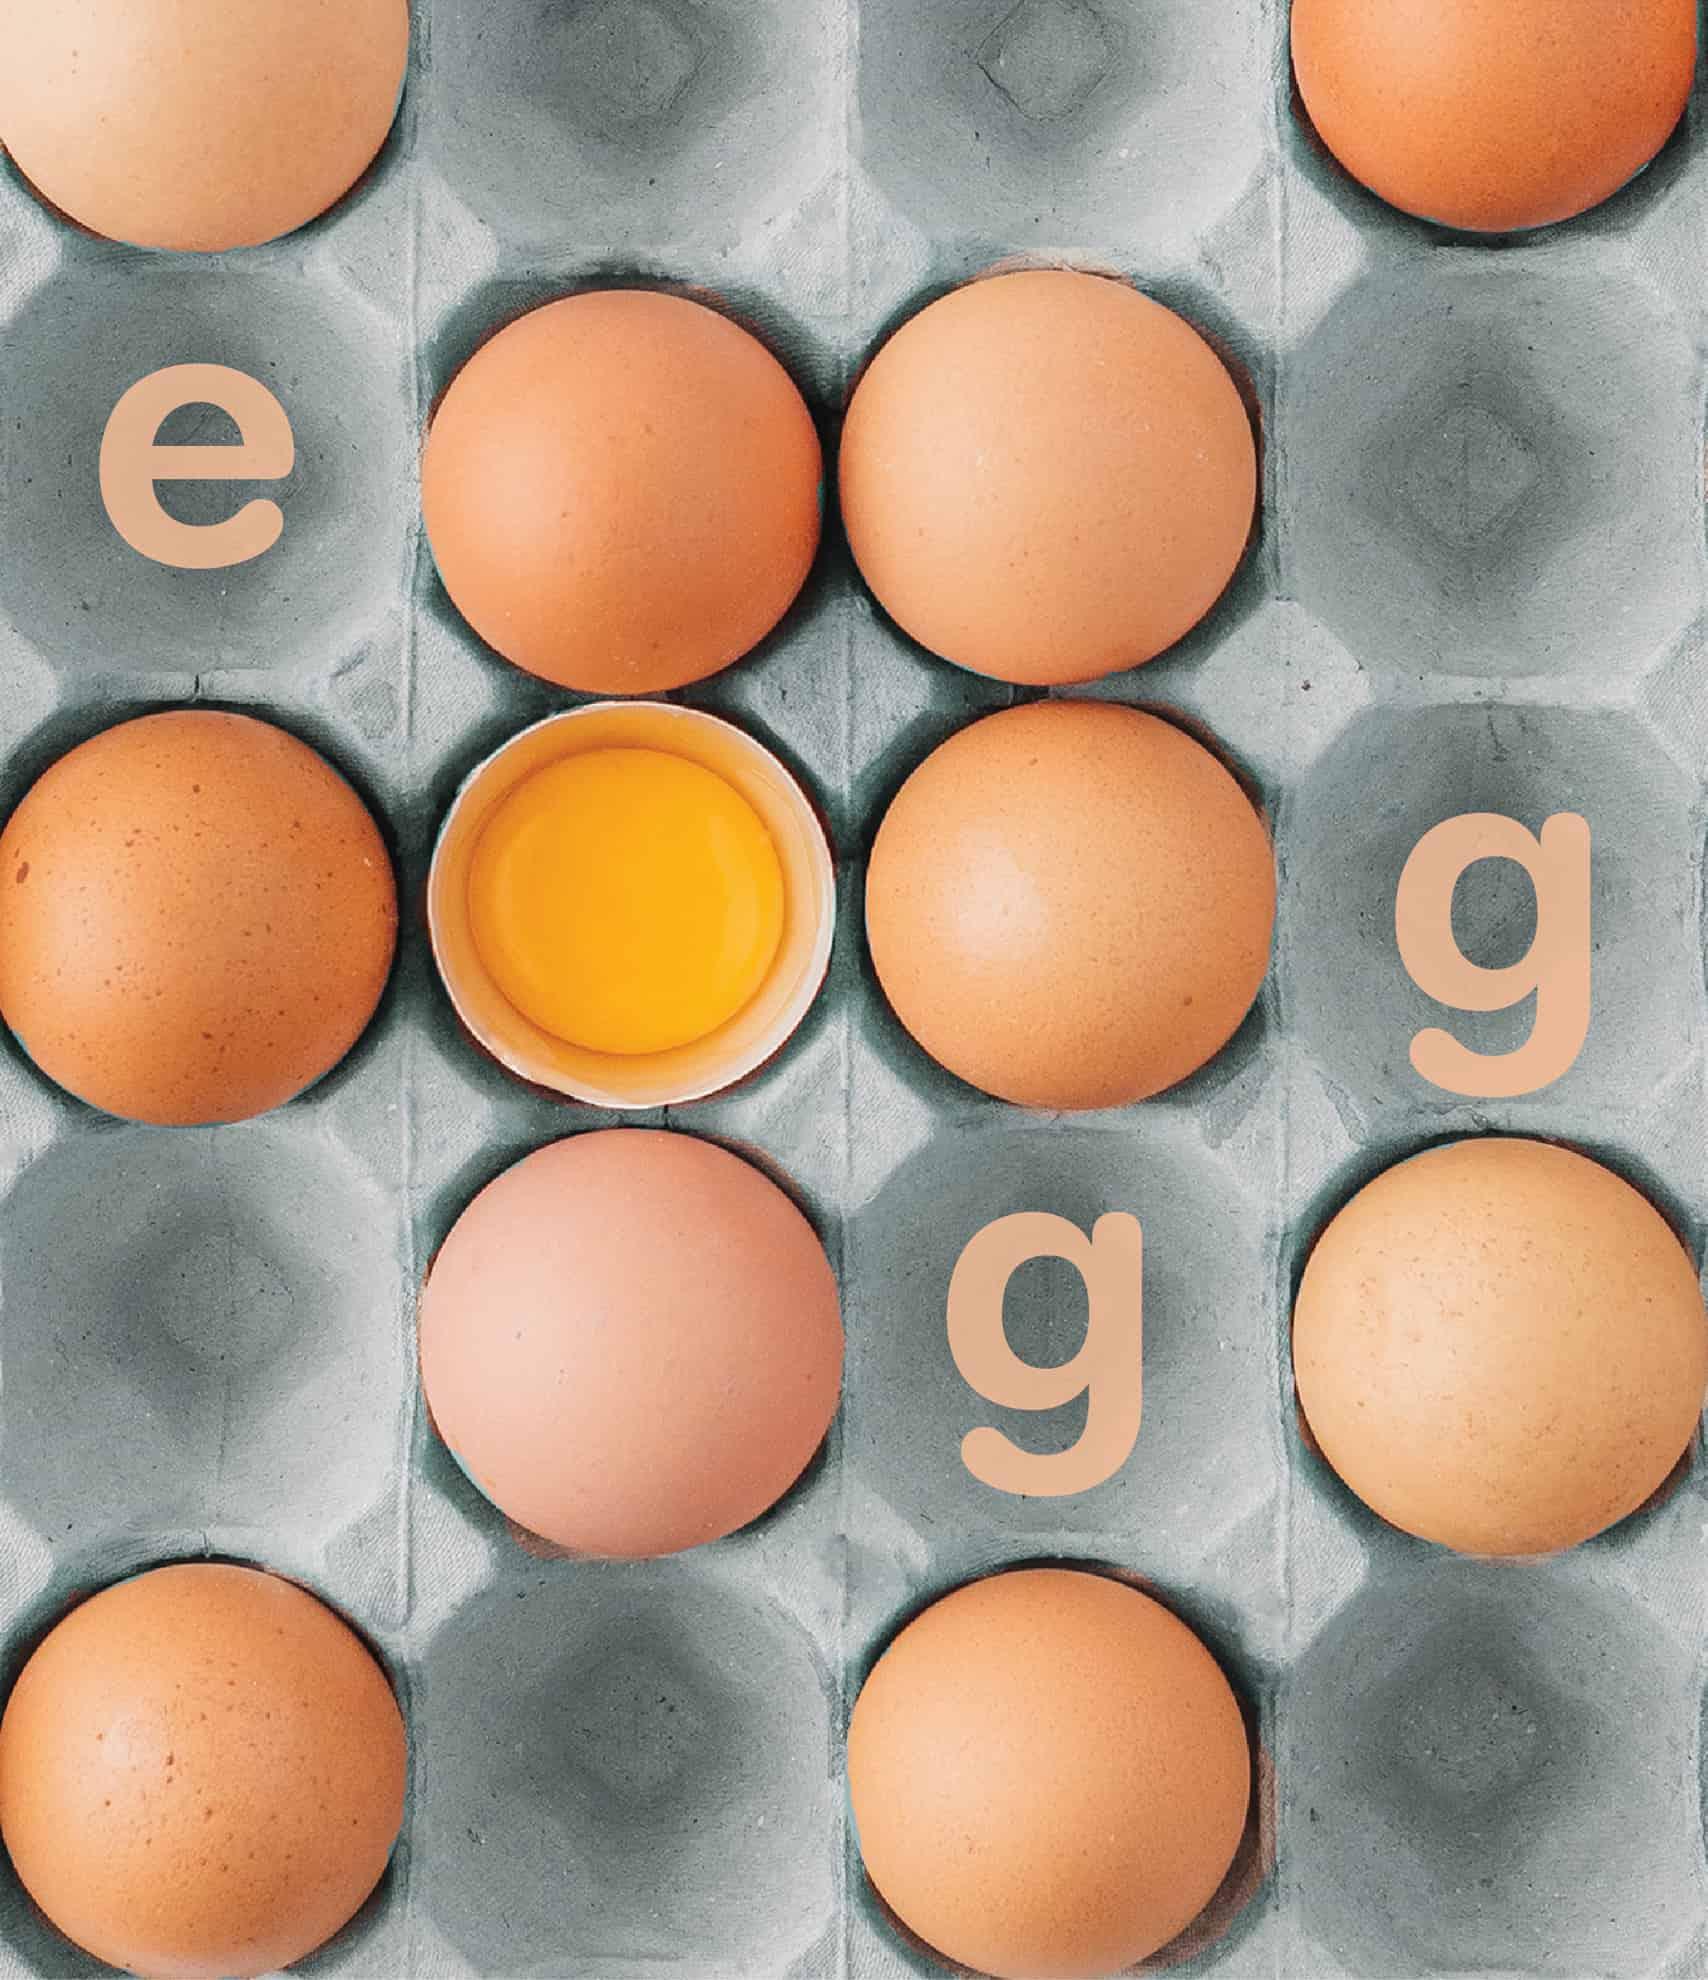 ถ้าไก่ออกไข่วันละฟอง แล้วคนกินไข่วันละกี่ฟองดี